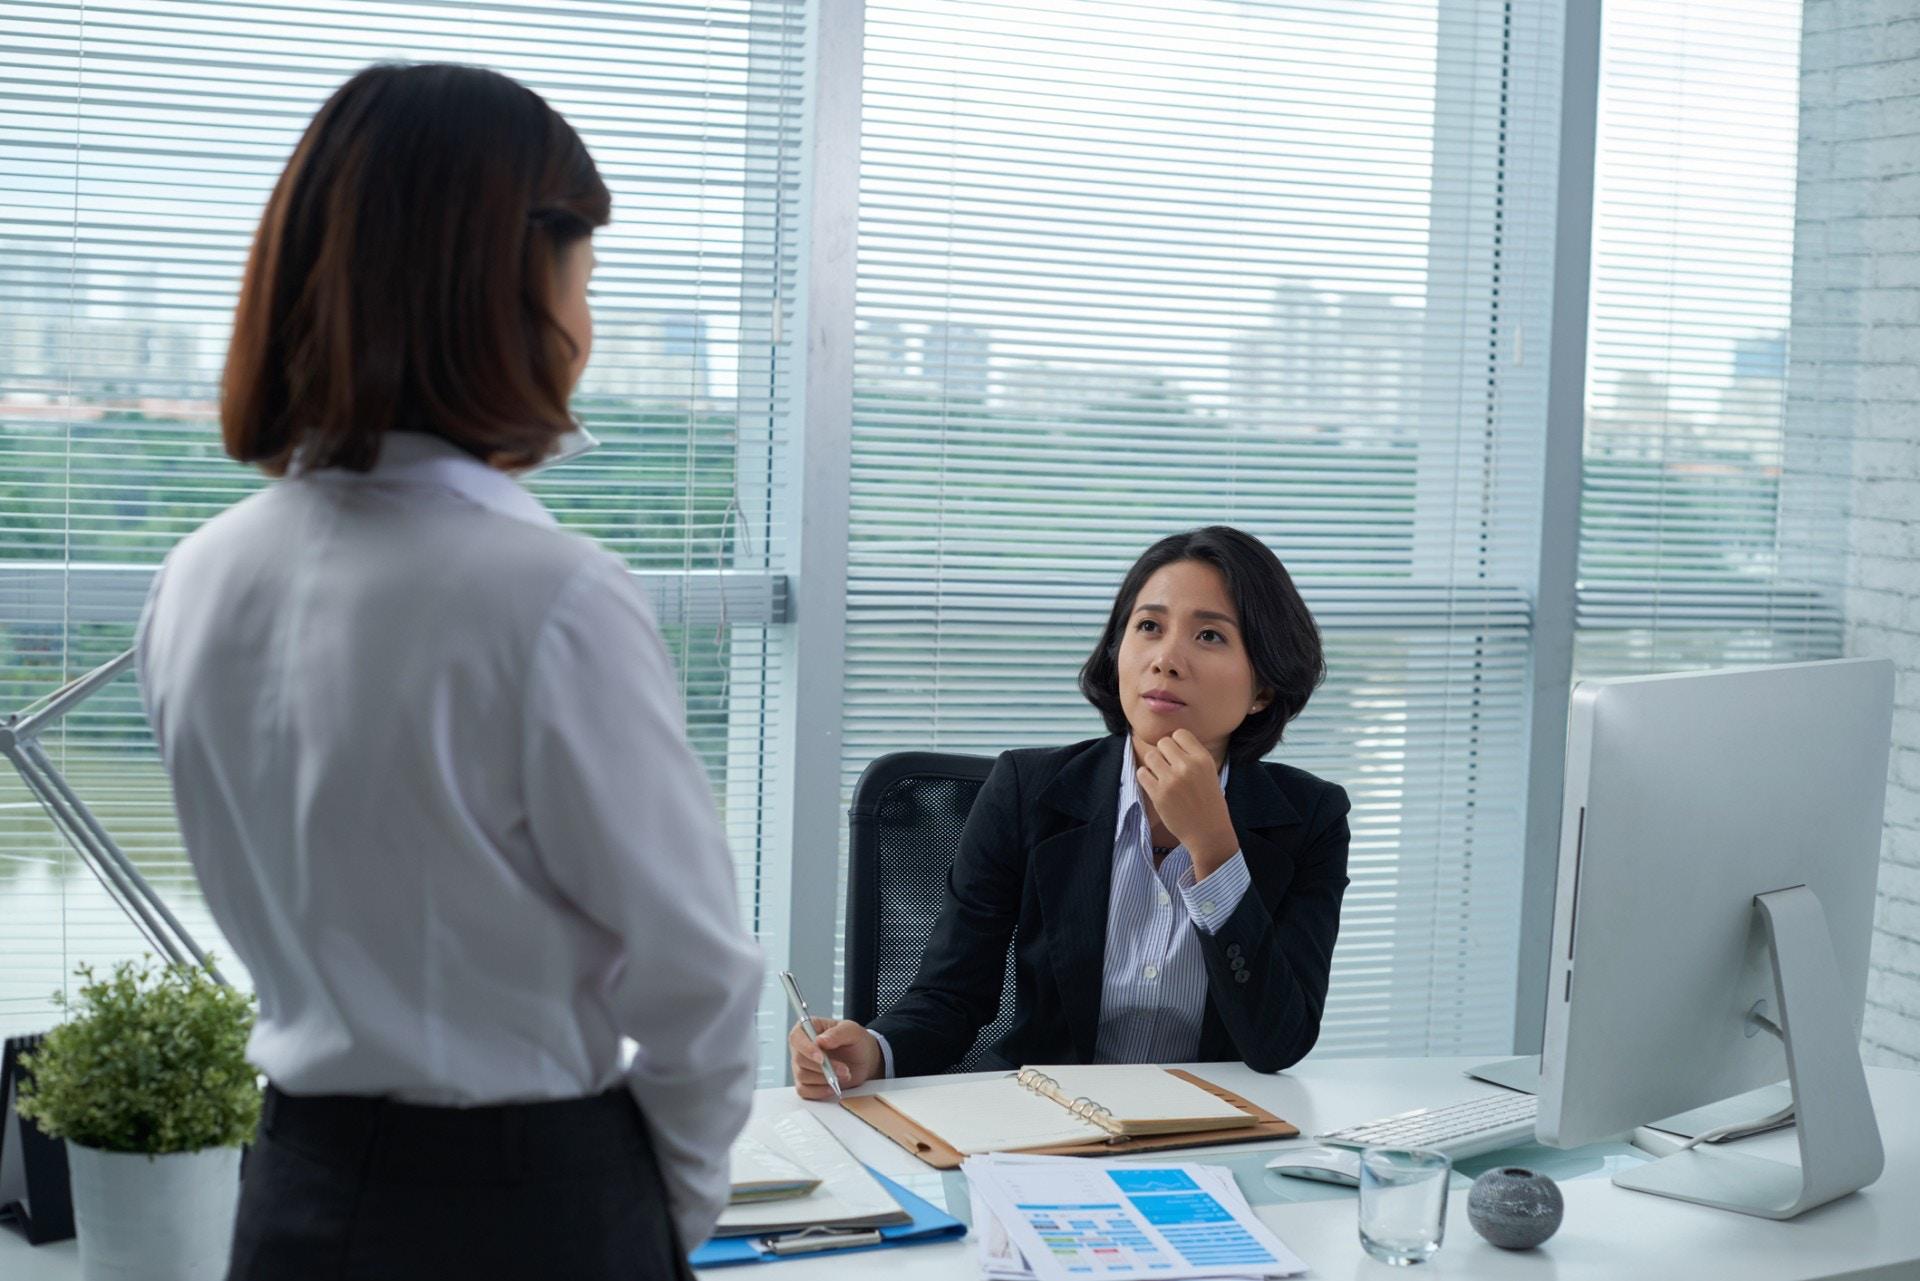 Sungkan Menjawab Saat Ditanyai Ingin Gaji Berapa Oleh Pewancara Kerja ? Cobalah Dengan Cara ini 5